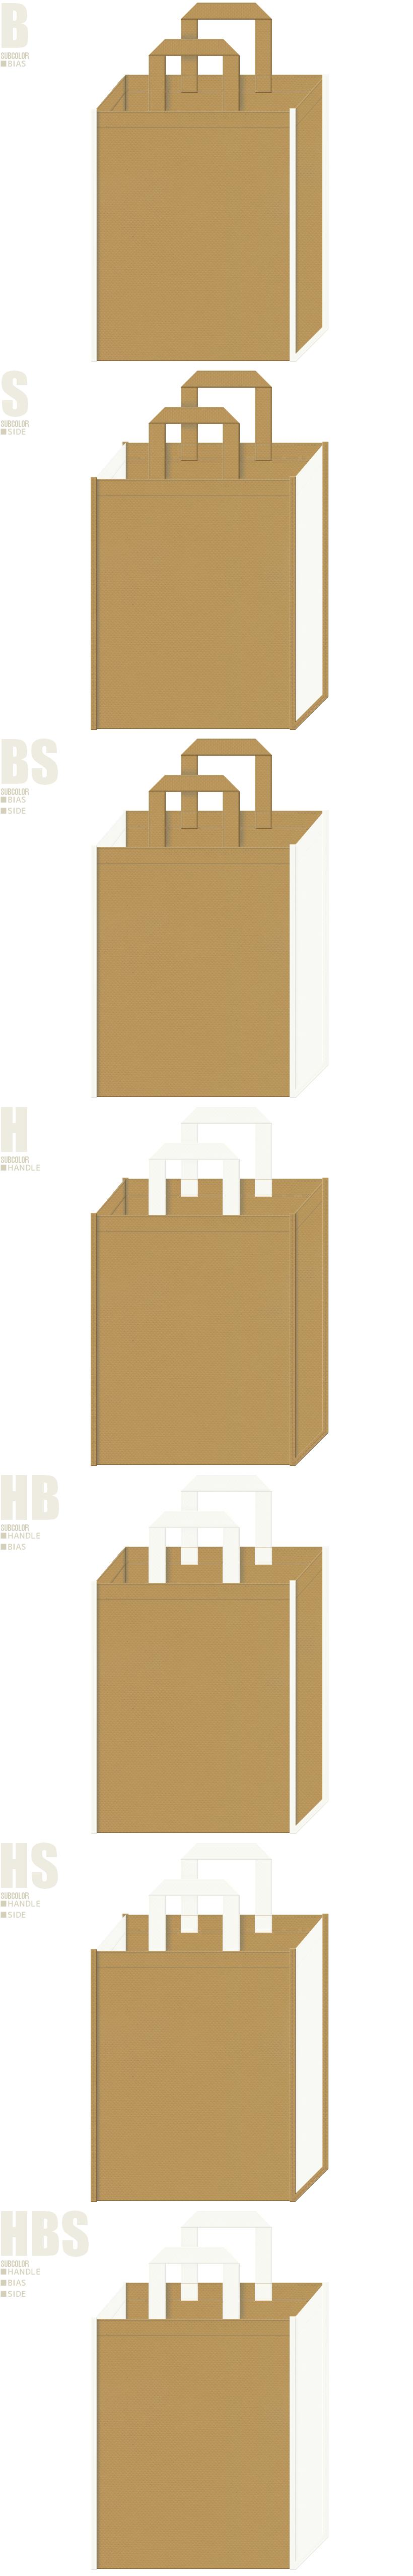 コーヒーロール風配色の不織布バッグデザイン:金黄土色とオフホワイト色の不織布バッグ配色7パターン。